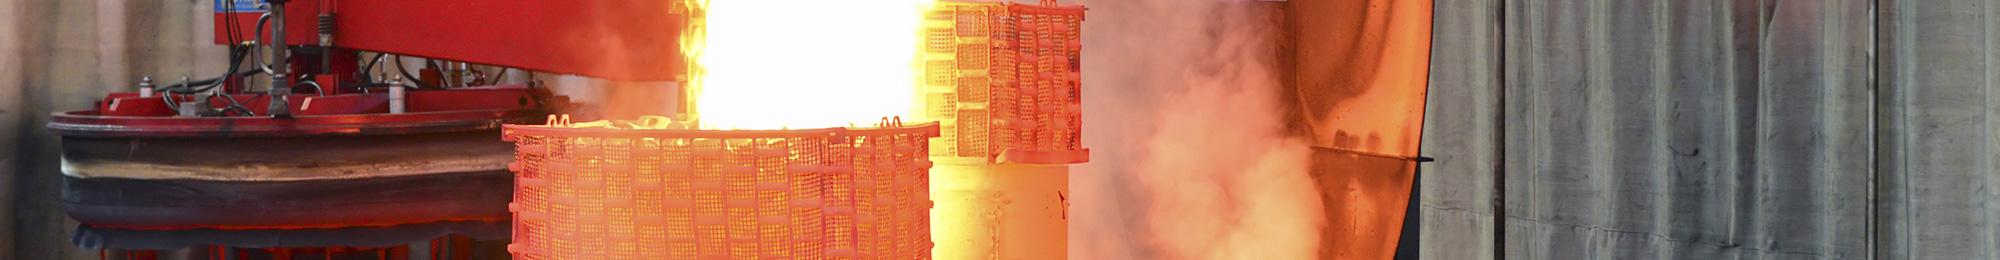 Metal Heat Treating